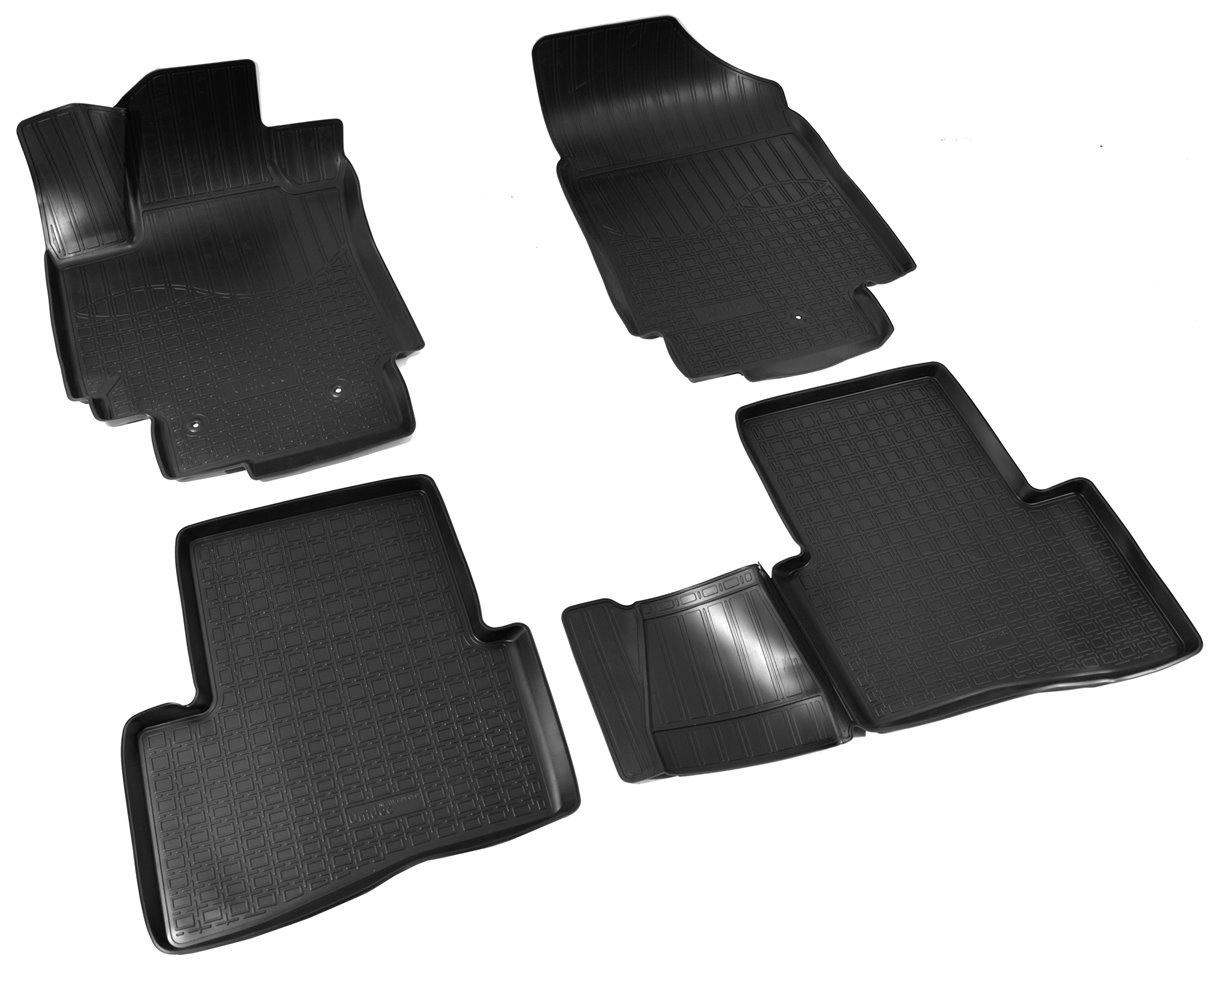 Коврики в салон Norplast для Hyundai Creta 3D 2016 , NPA11-C31-050, черный накладки на пороги rival для hyundai creta 2016 н в нерж сталь с надписью 4 шт np 2310 1